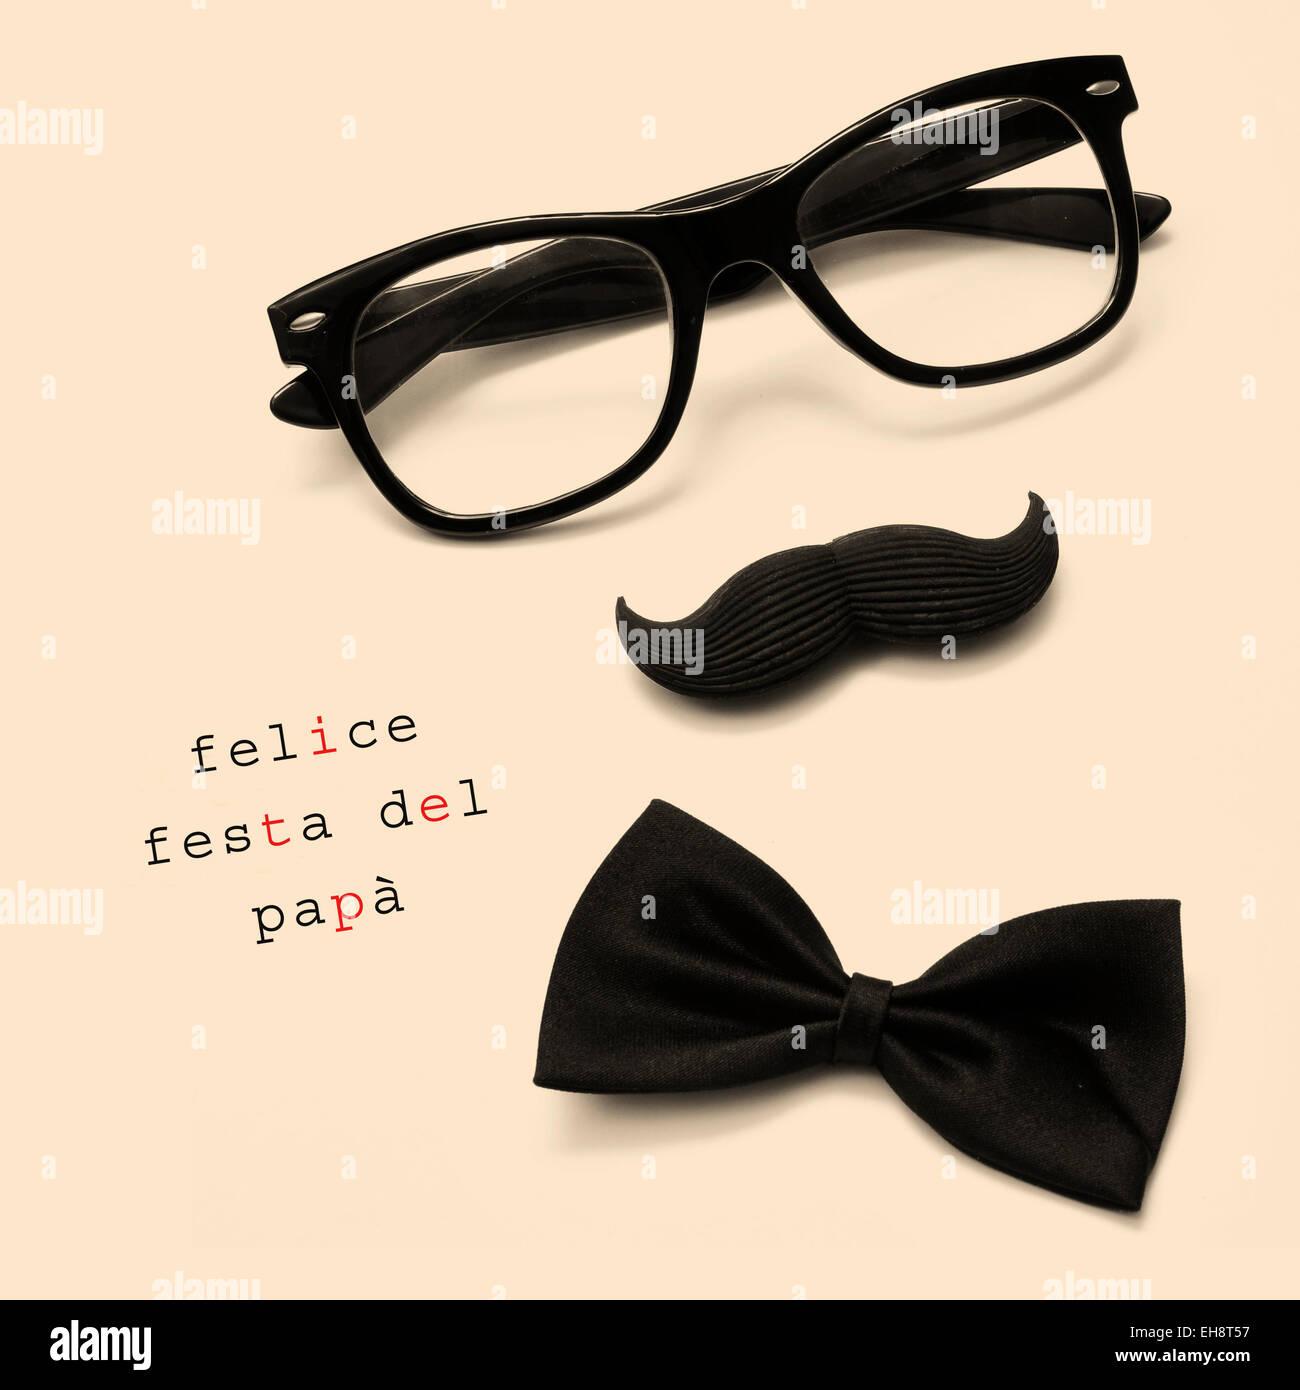 Phrase felice Festa del Papa, happy fathers day écrit en italien, et lunettes noires, moustache et chapeau formant Banque D'Images